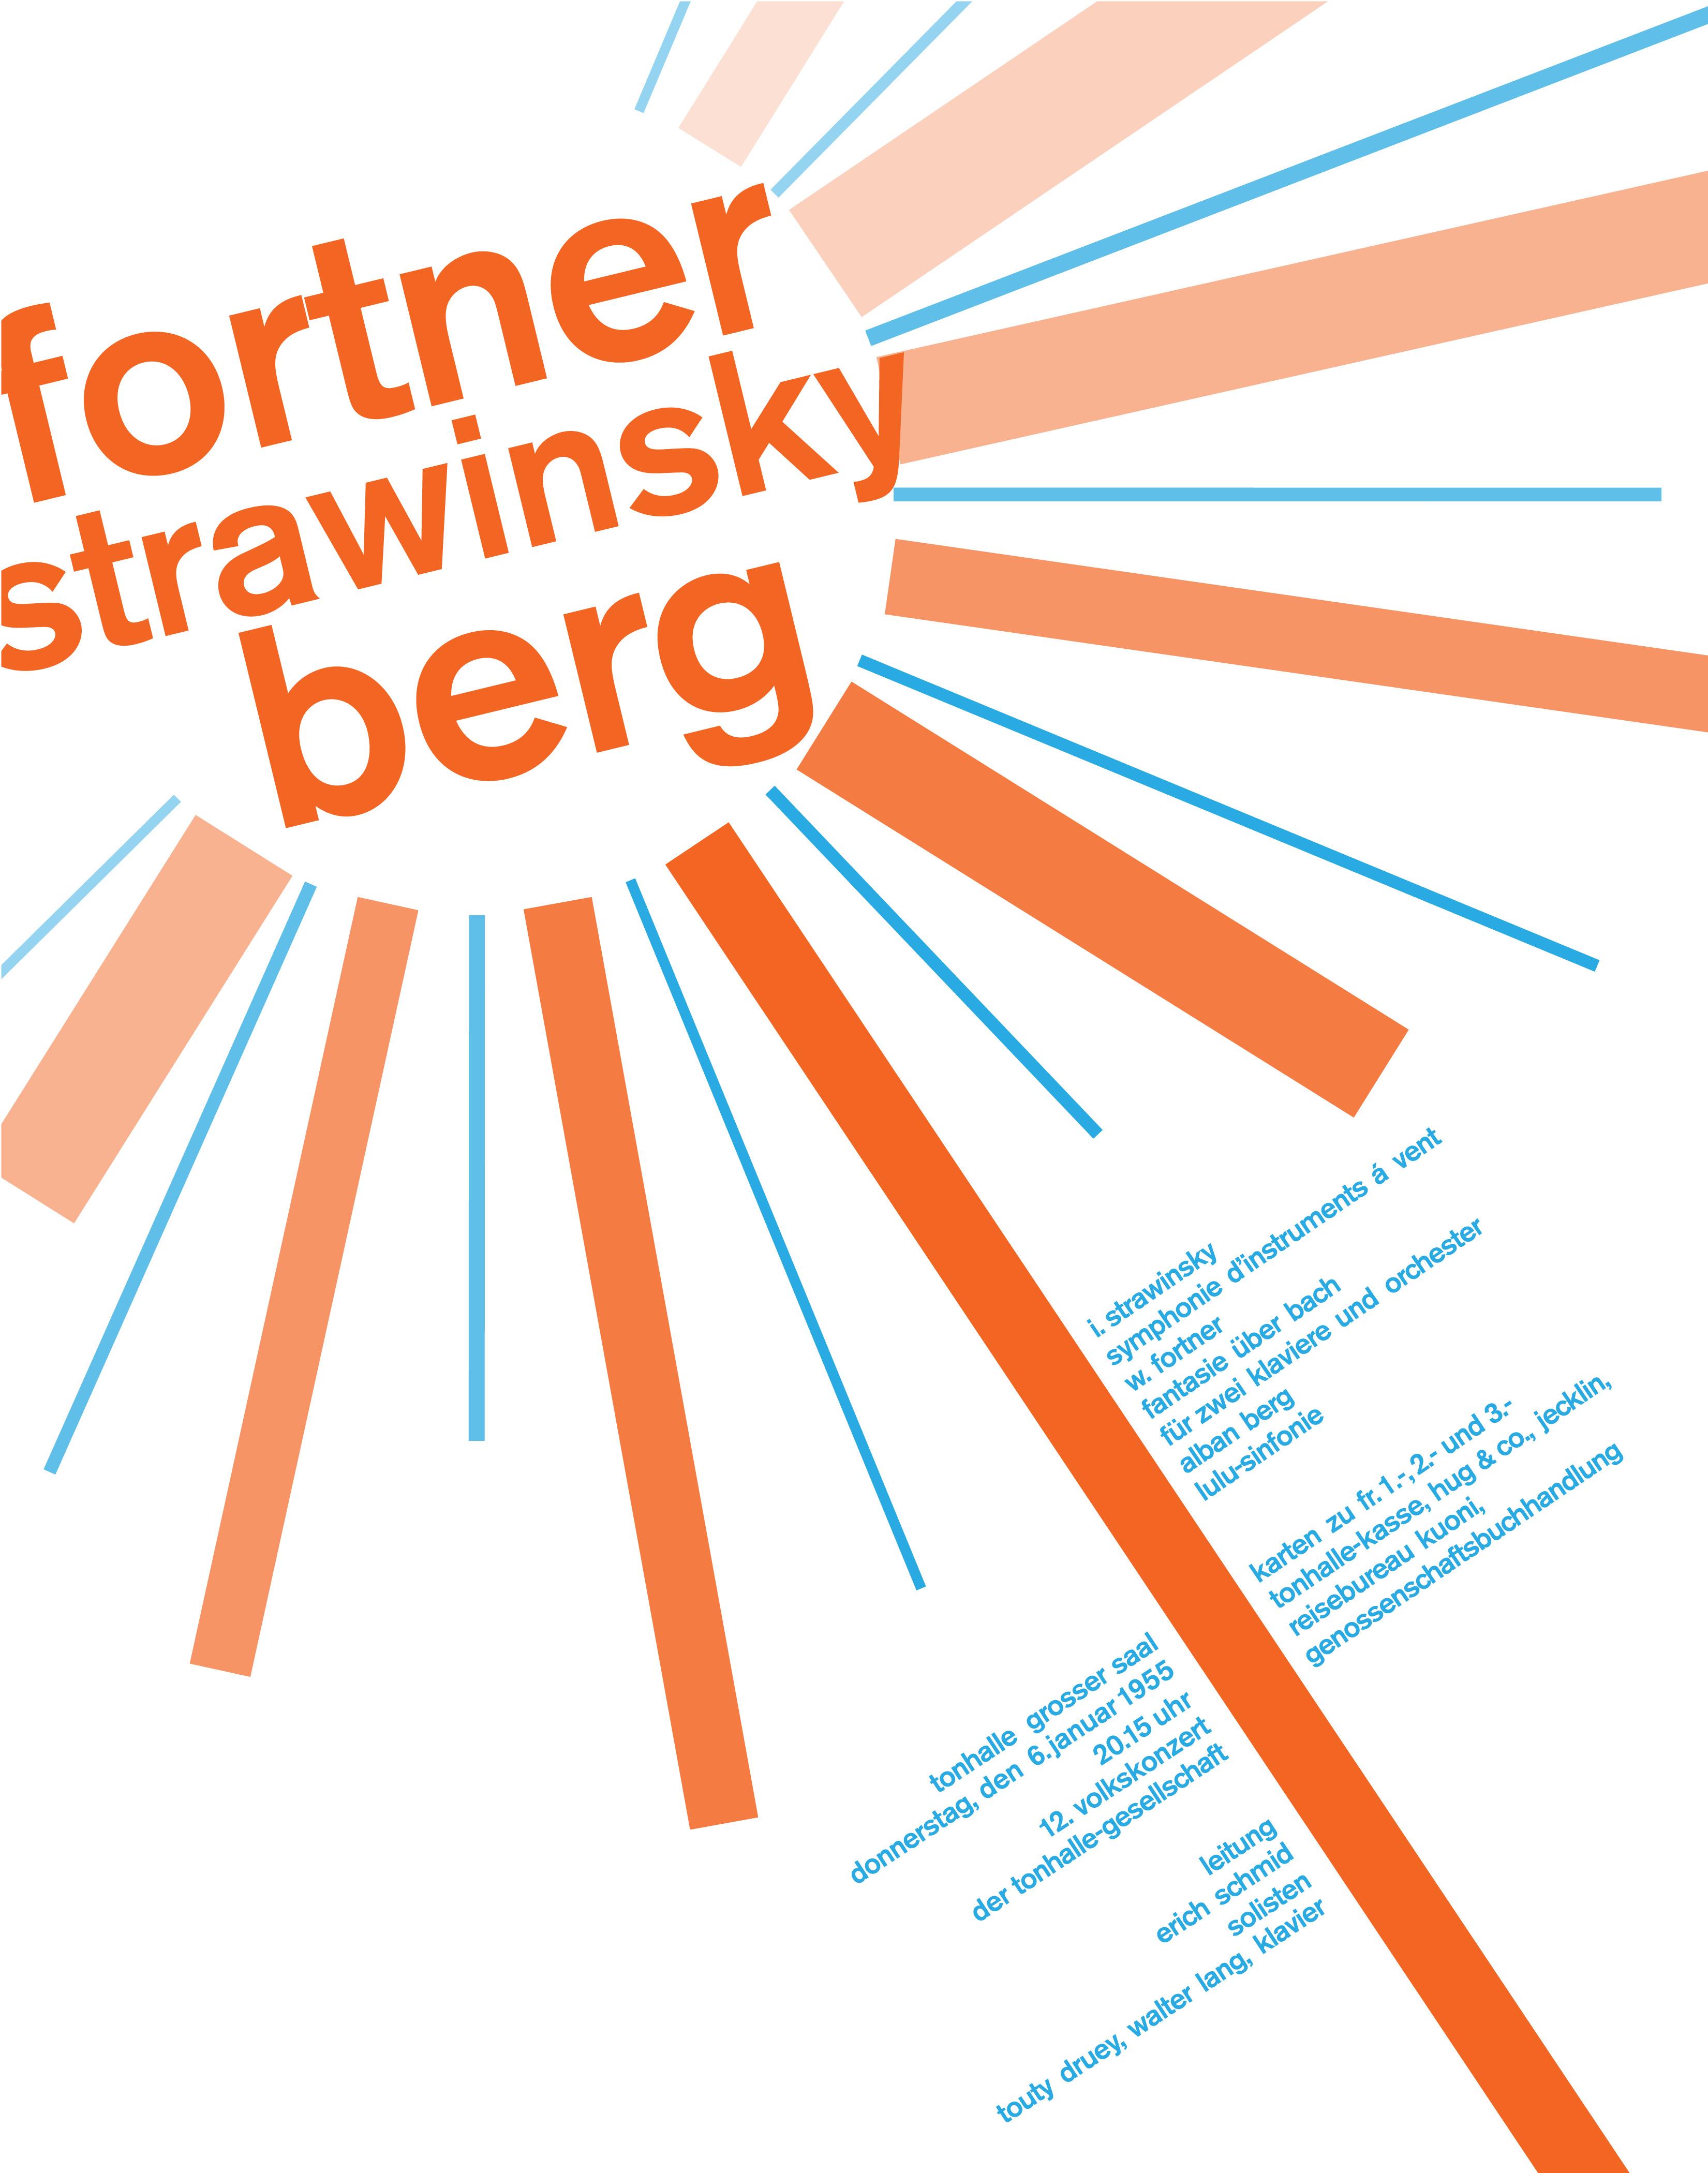 Fortner Strawinsky Berg Poster